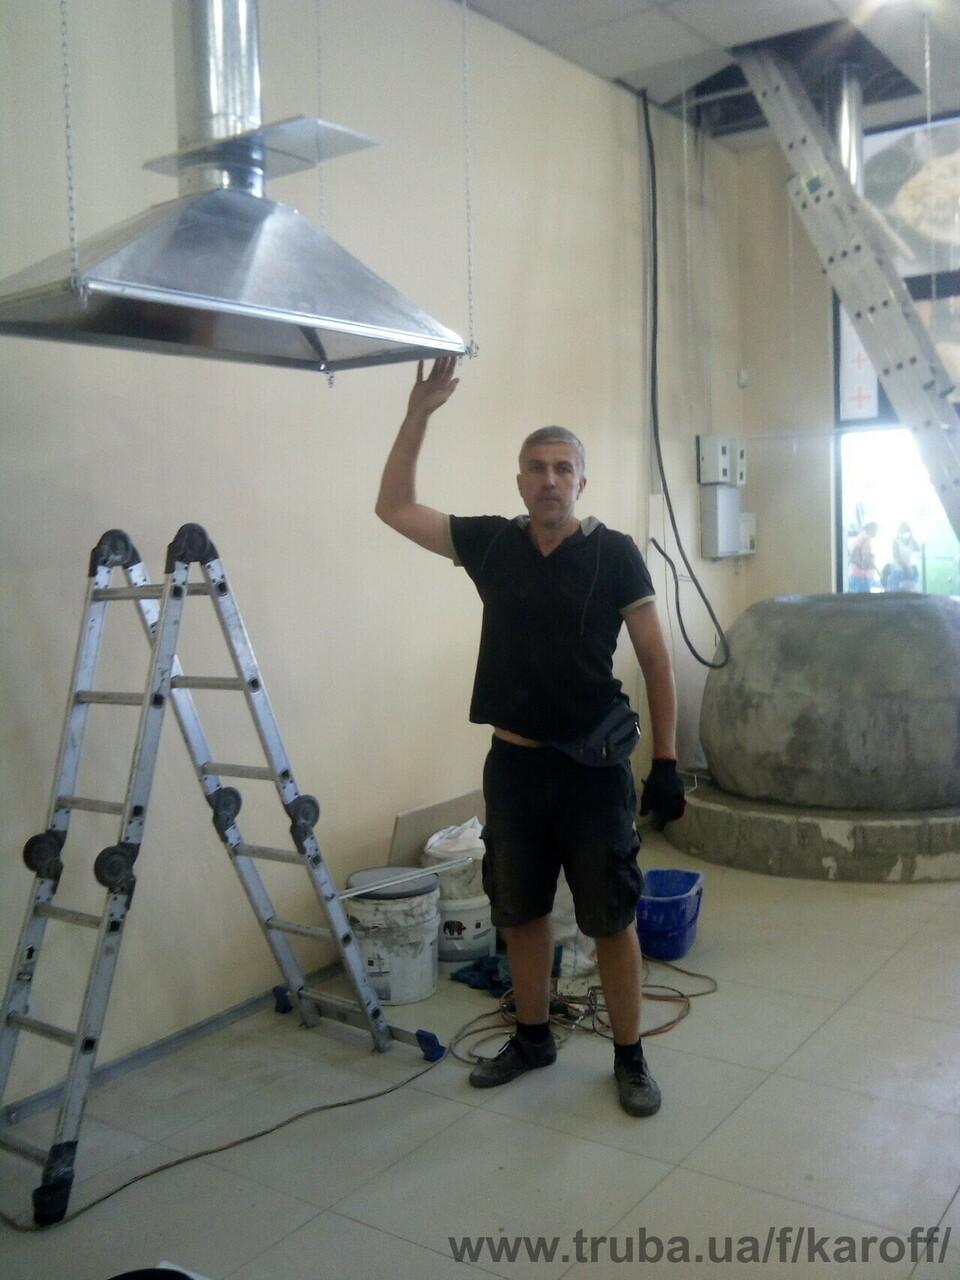 Завершен проект: монтаж вентиляции в магазине свежей выпечки